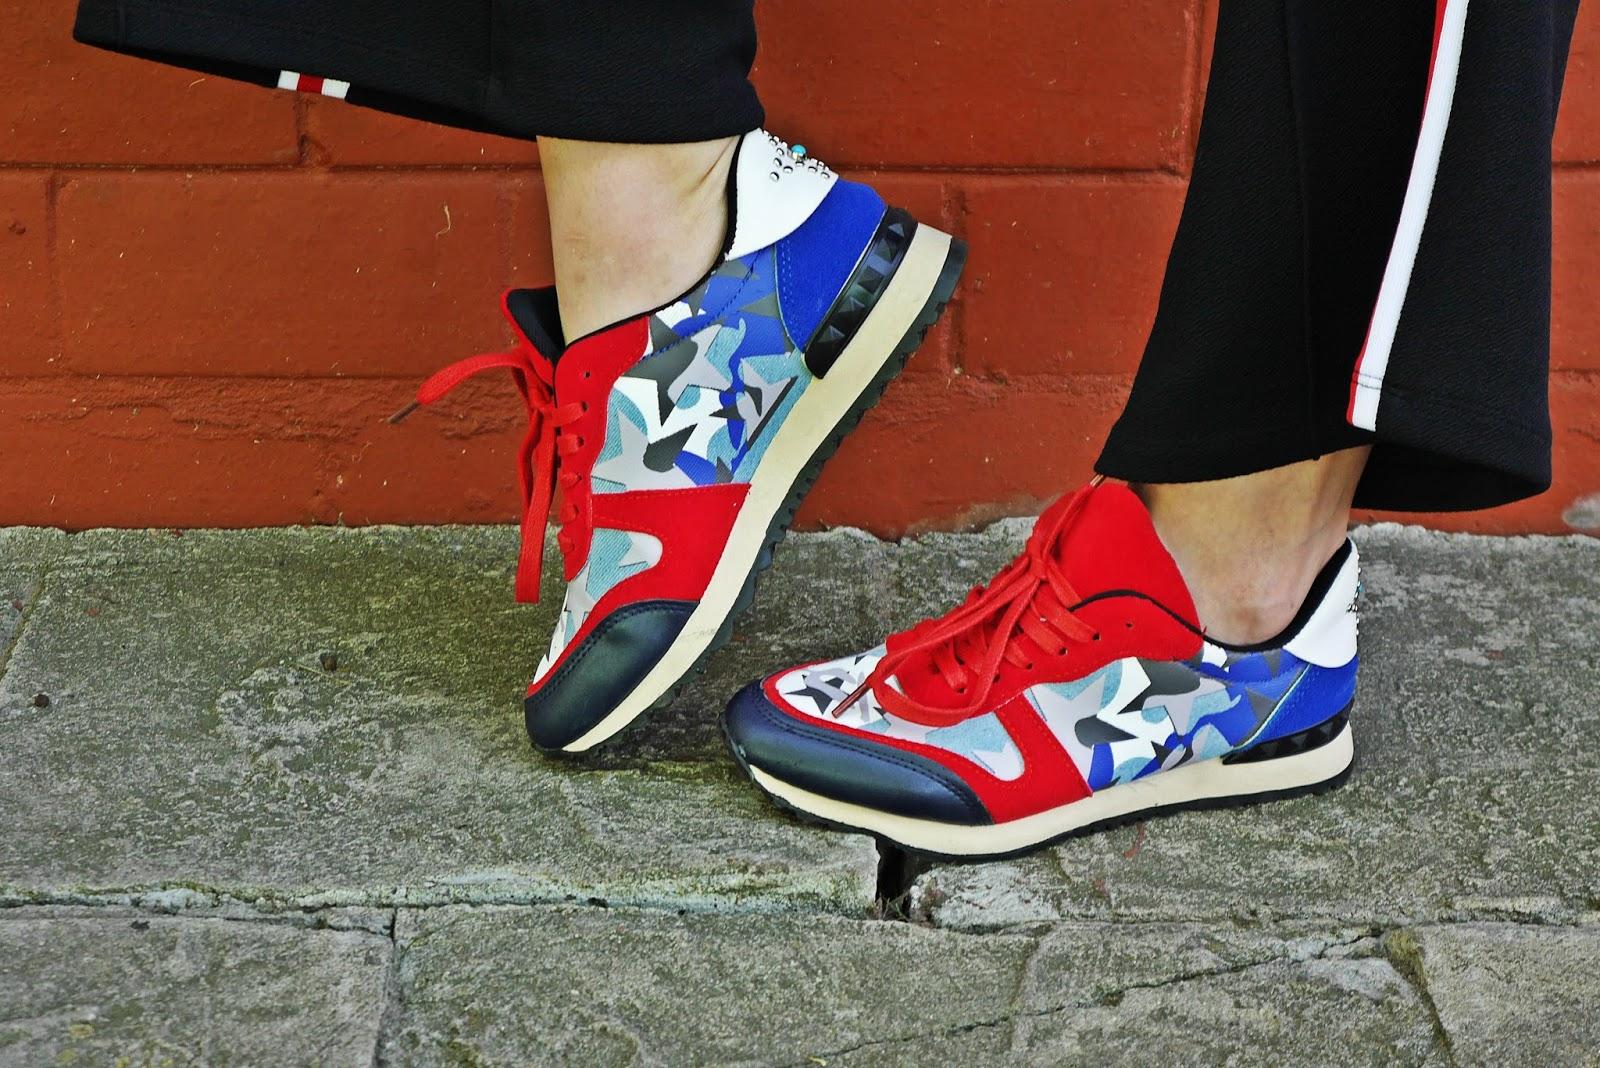 5_kolorowe_sneakersy_renee_czarne_spodnie_z_lampasem_crop_top_karyn_blog_modowy_300418